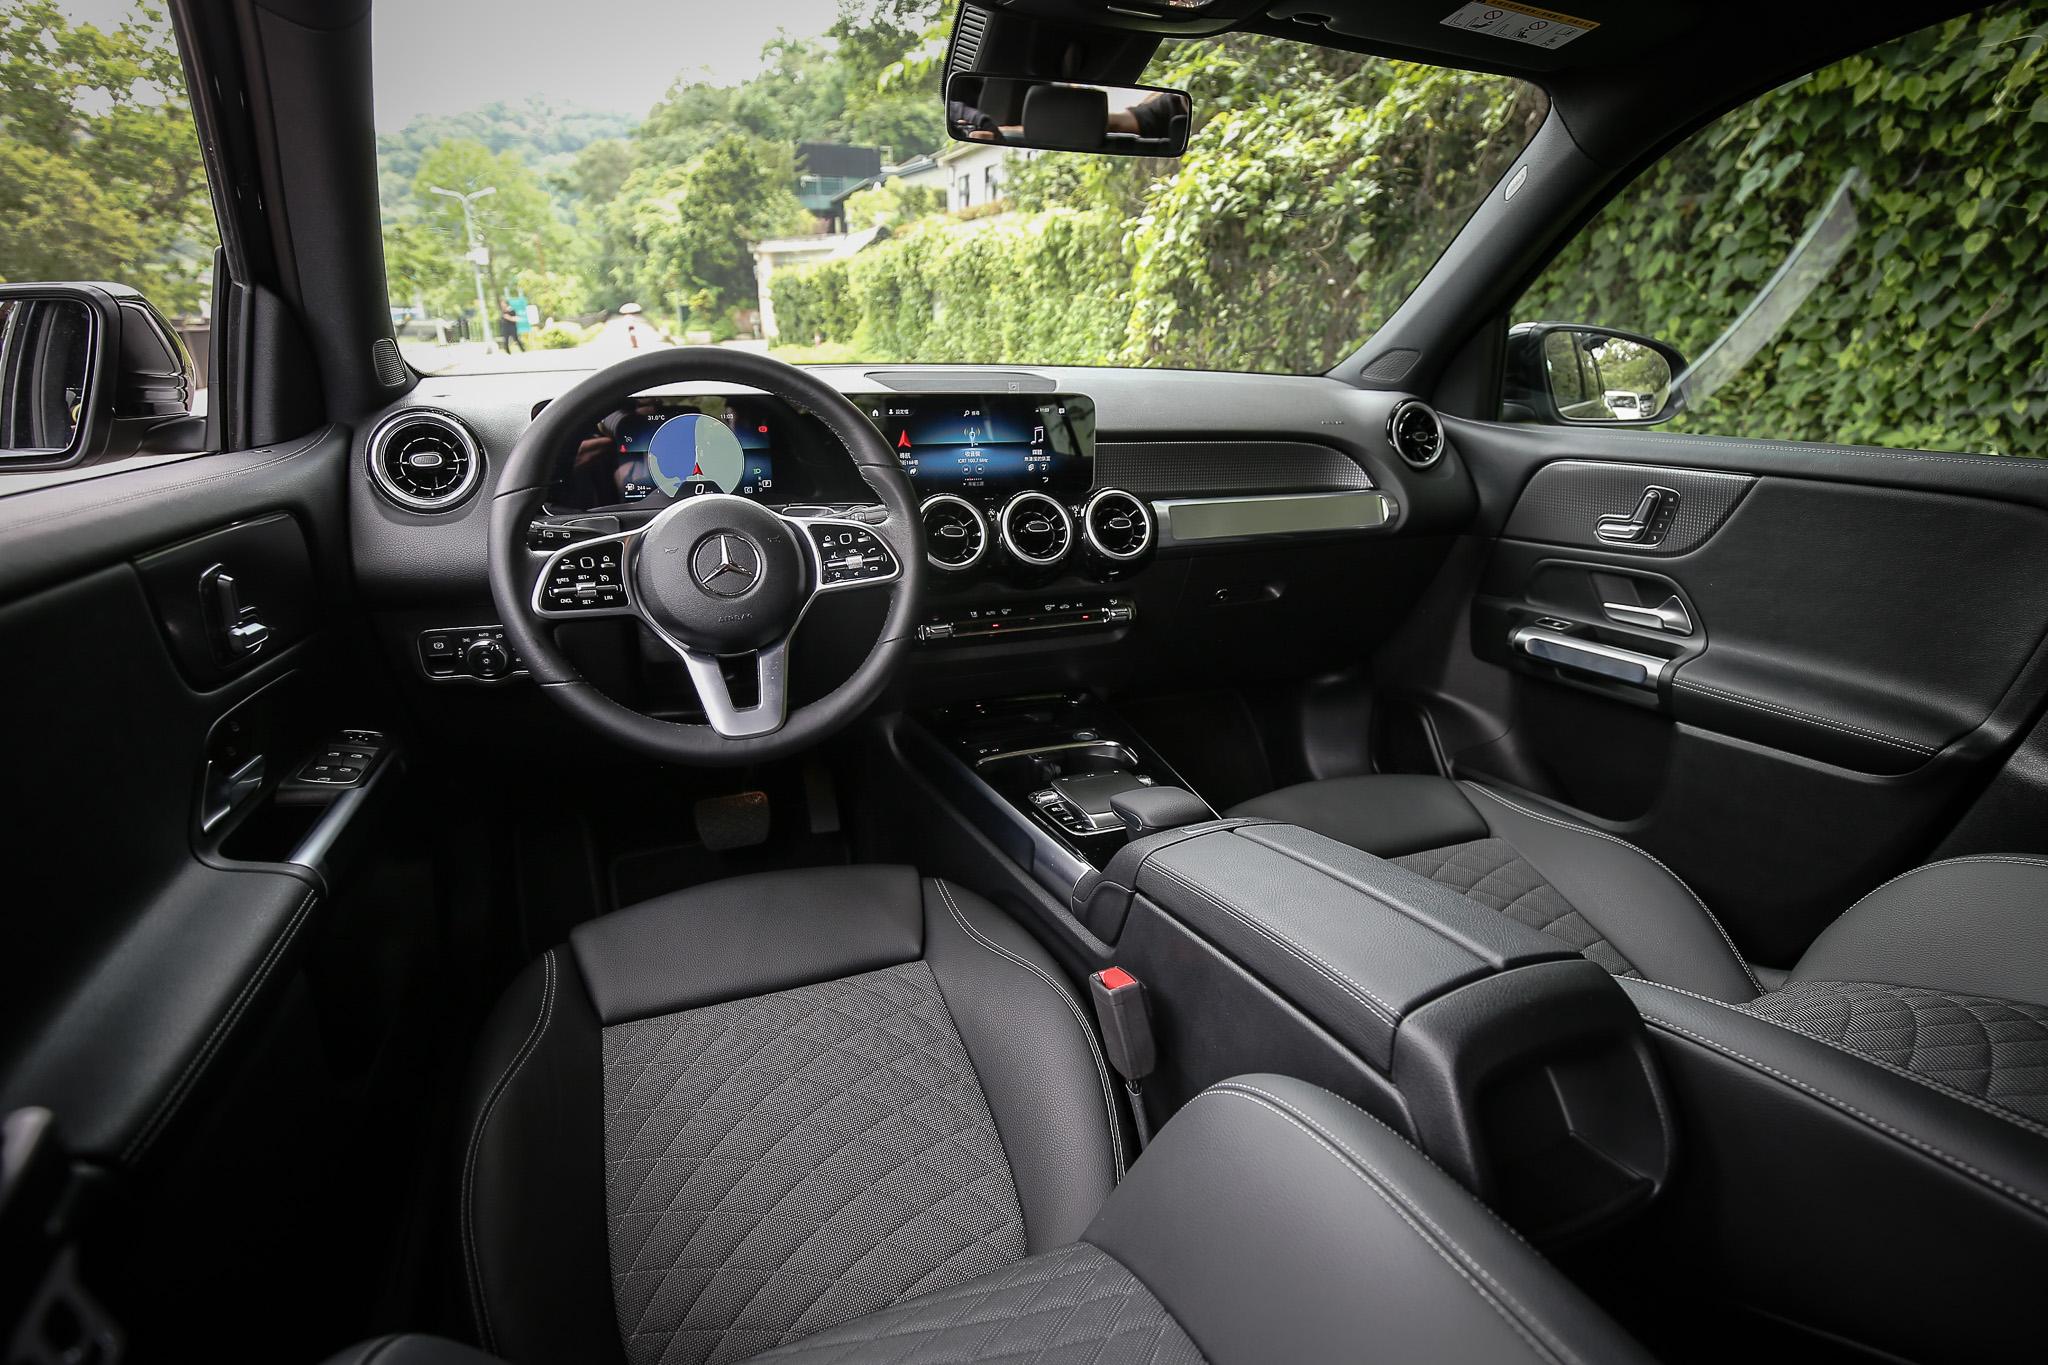 品牌特色強烈的座艙格局,並為了呼應 GLB 的外觀線條,內裝鋪陳多出幾分陽剛味。